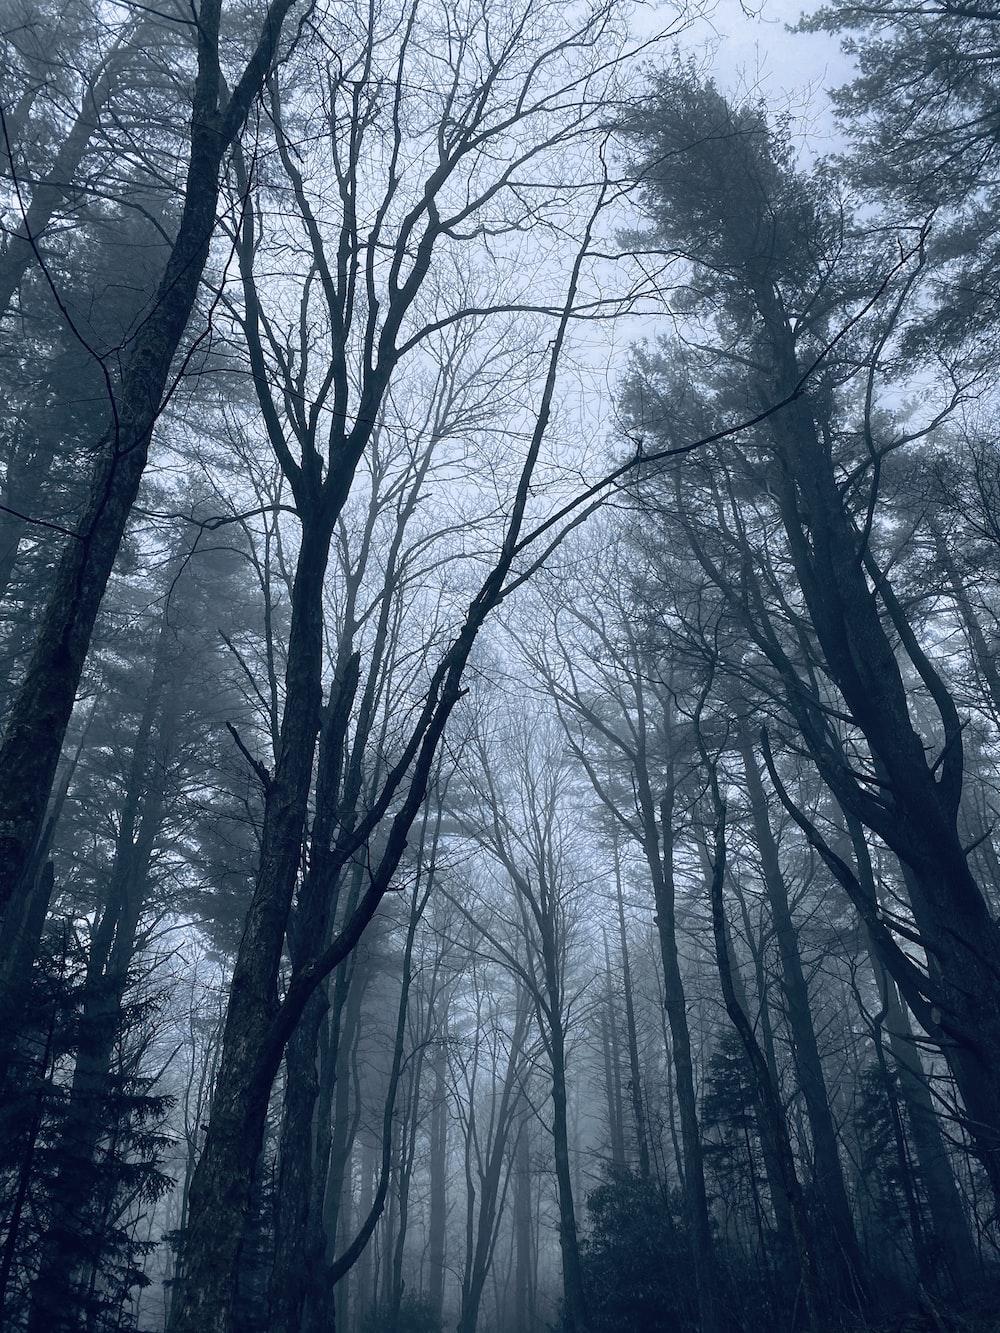 bare trees under white sky during daytime